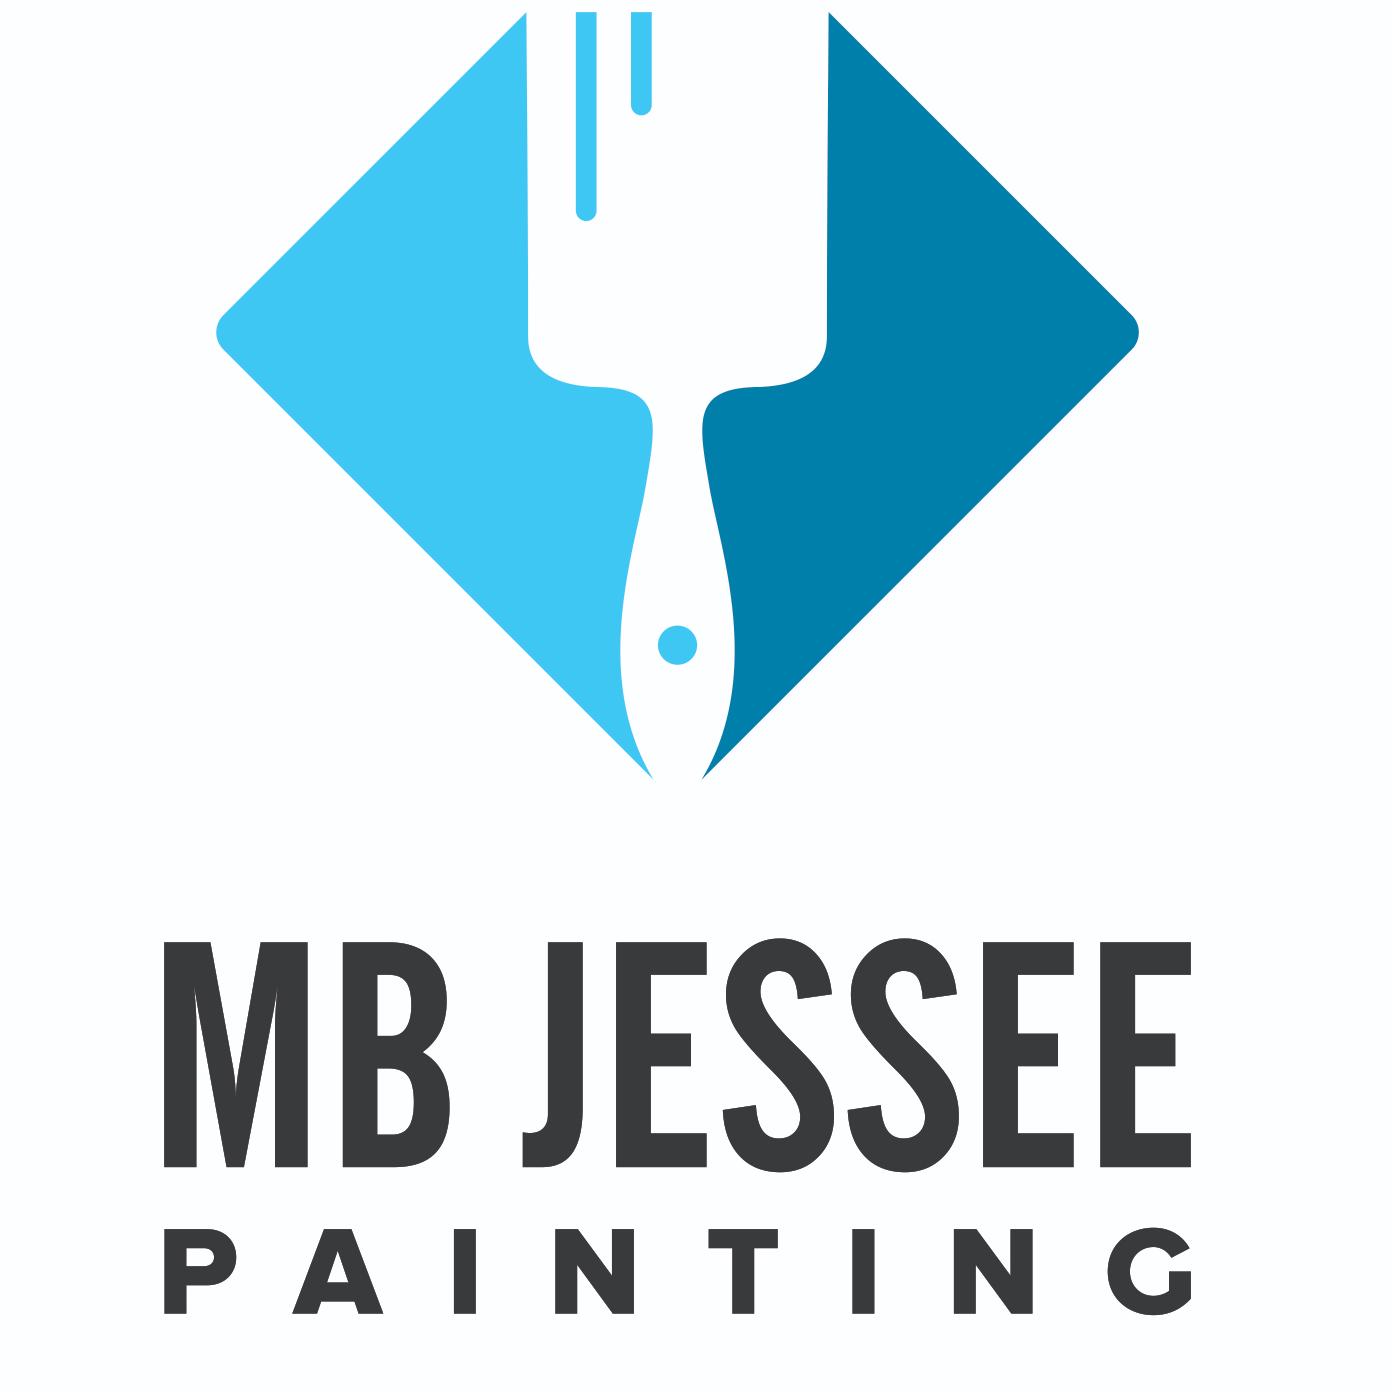 MB Jessee Painting Inc